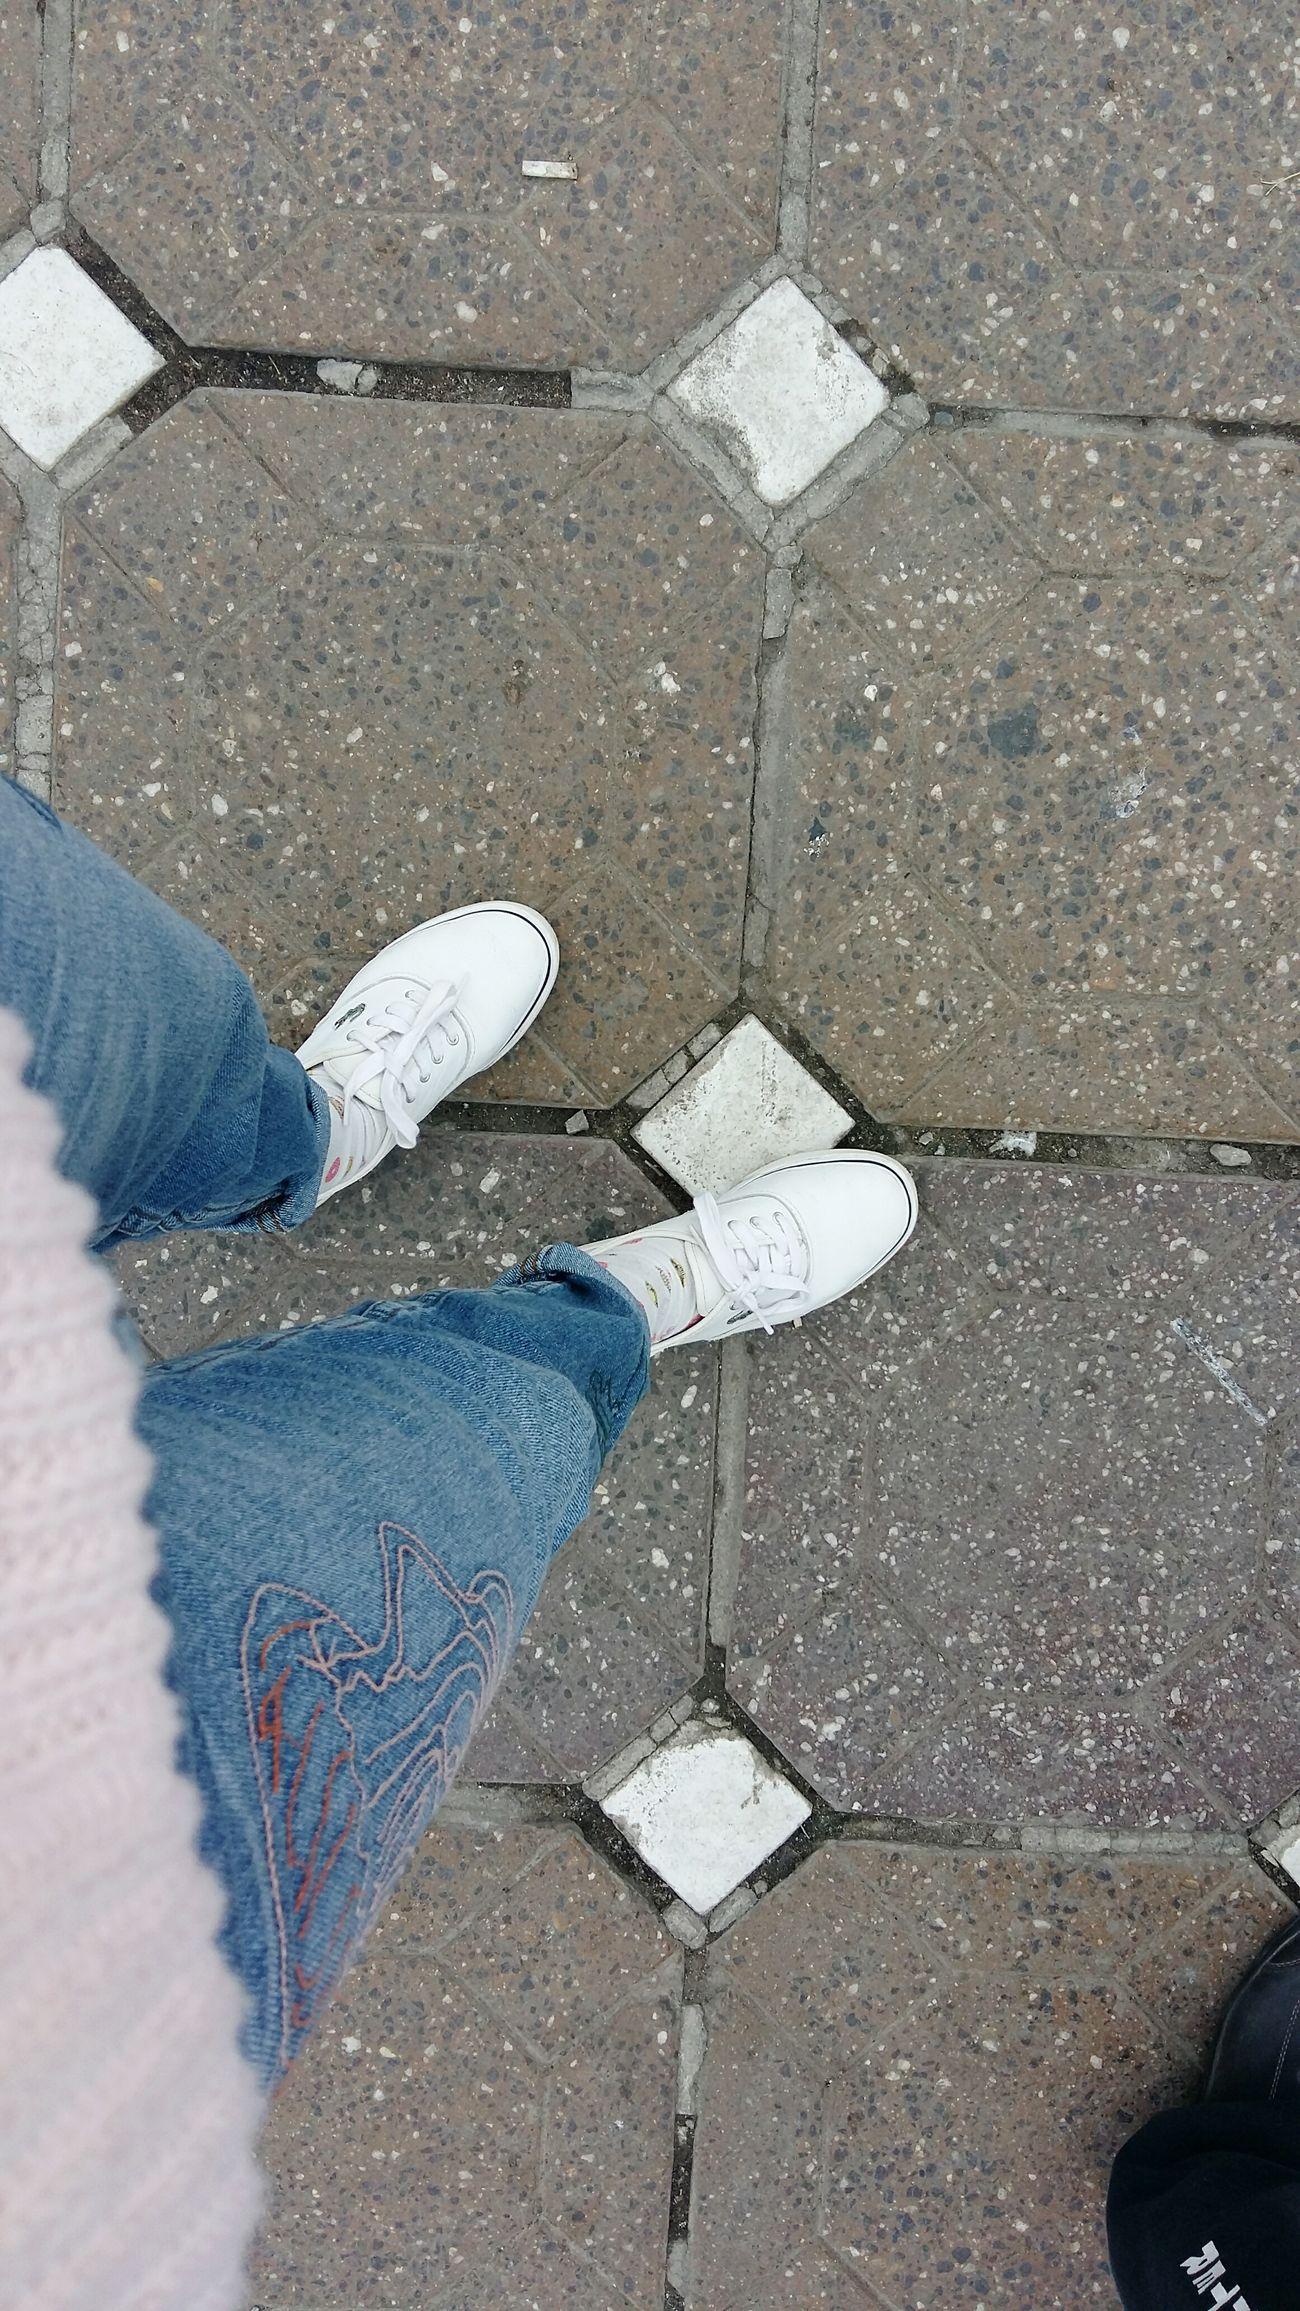 Jeans Human Leg Lacoste🐊 First Eyeem Photo EyeEm Diversity EyeEm Diversity